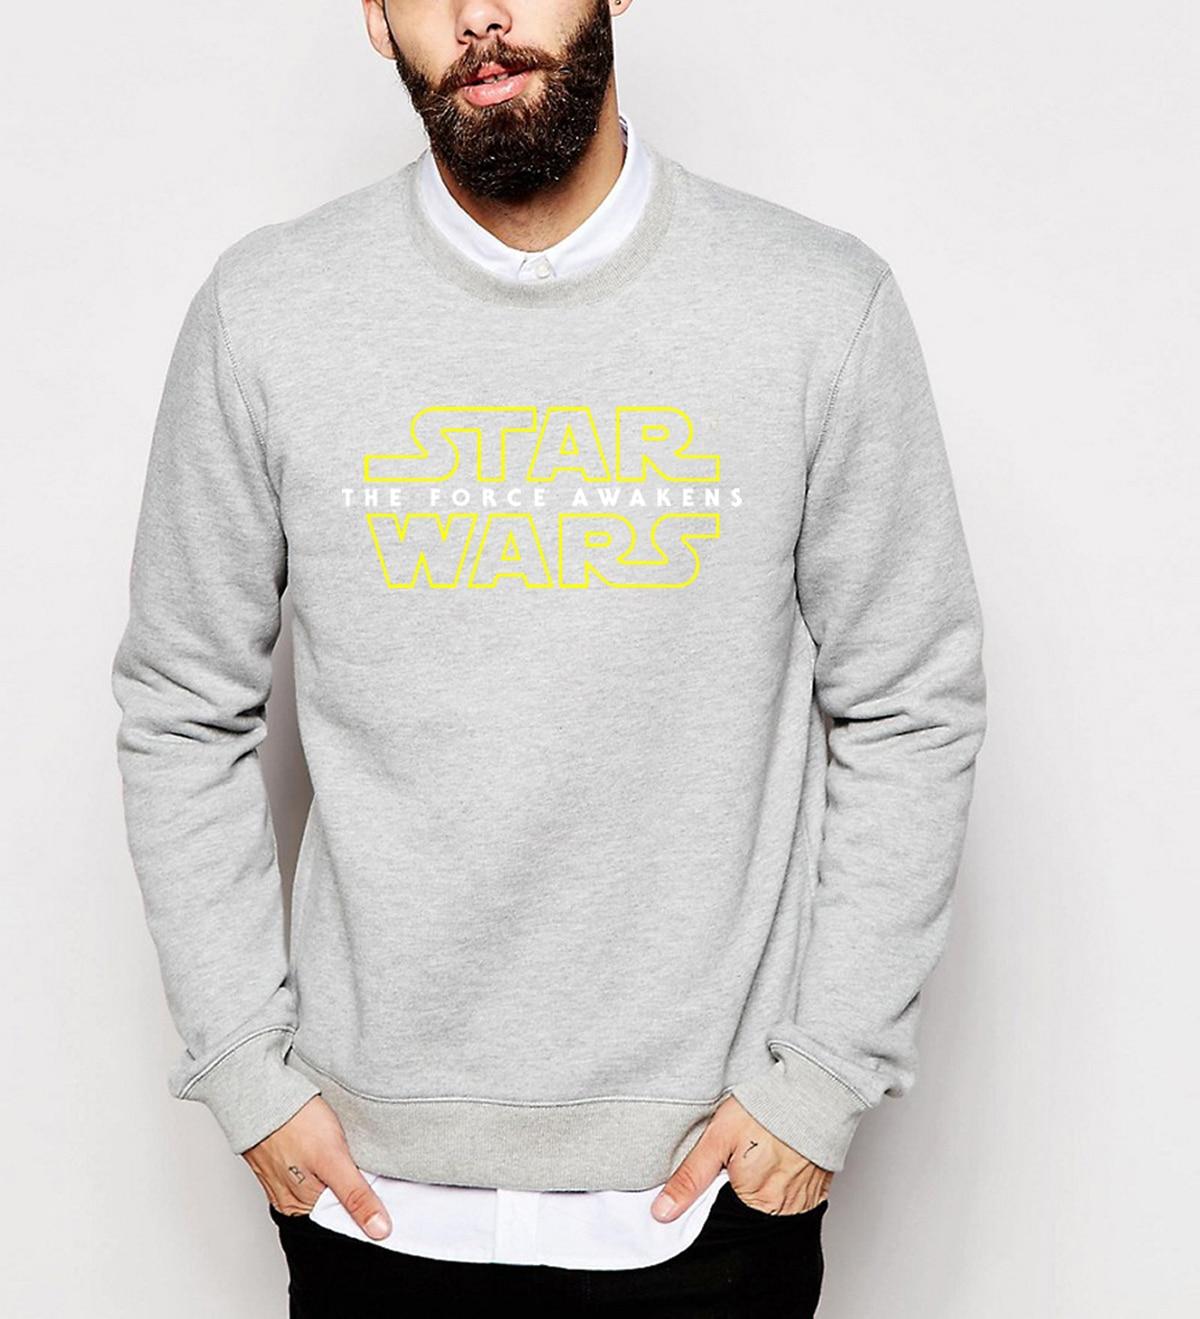 45c677648 Carta impressão camisolas venda quente dos homens 2017 outono inverno manga  comprida hoodies hip hop streetwear com capuz fatos de treino de marca